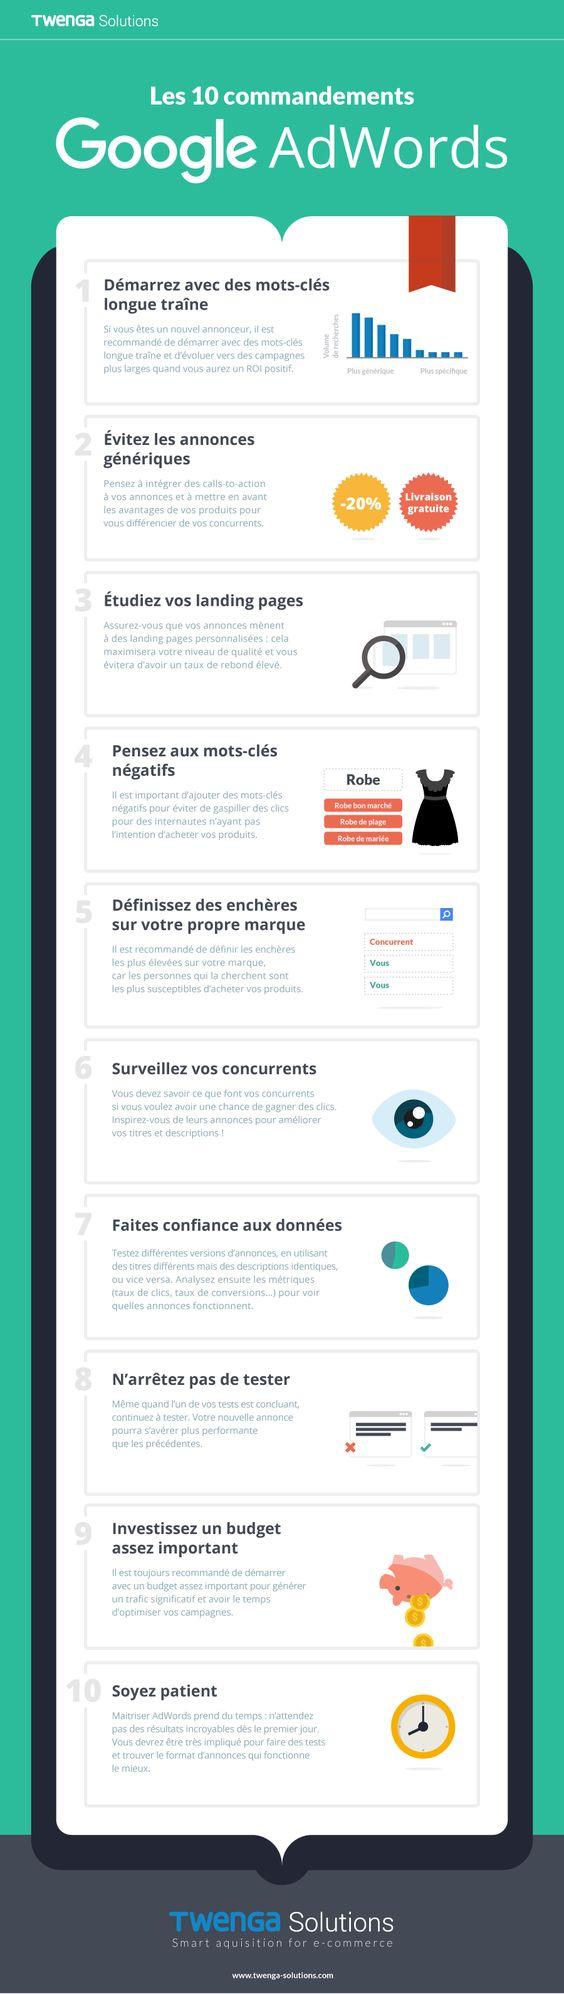 #Infographie : les 10 commandements Google #AdWords  #webmarketing